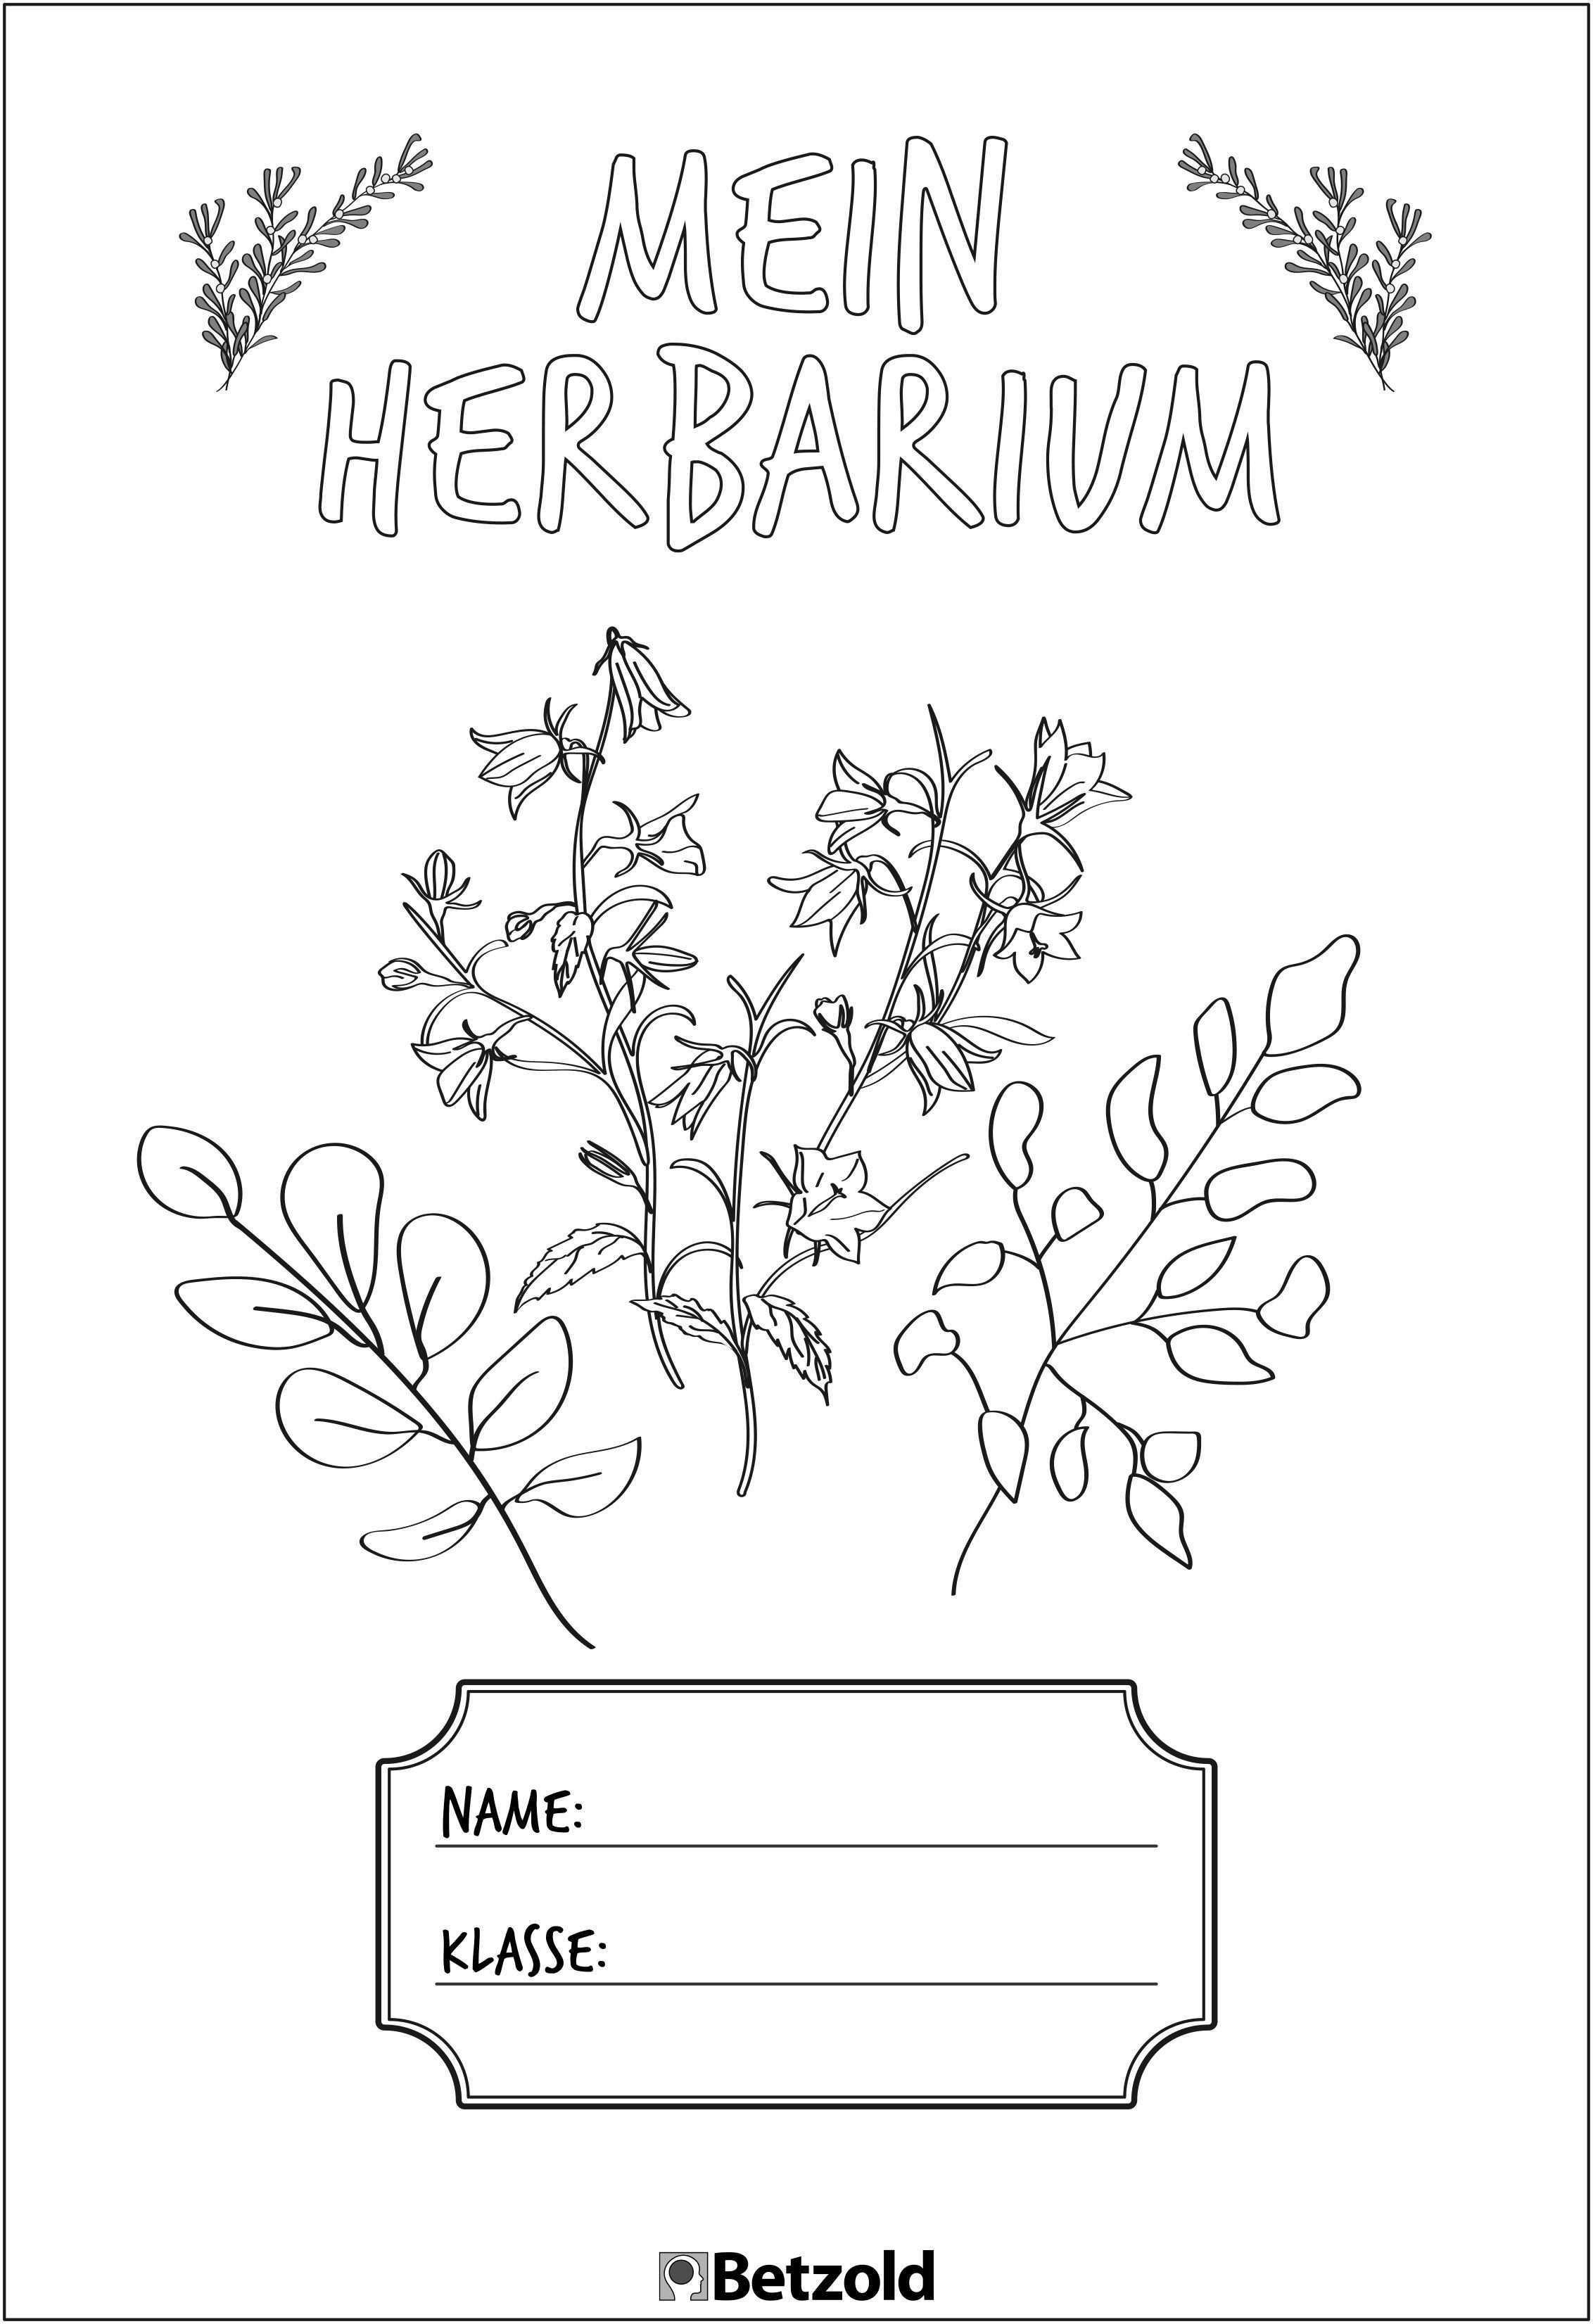 Herbarium Anlegen Tipps Vorlagen Schulunterricht Deckblatt Erstellen Deckblatt